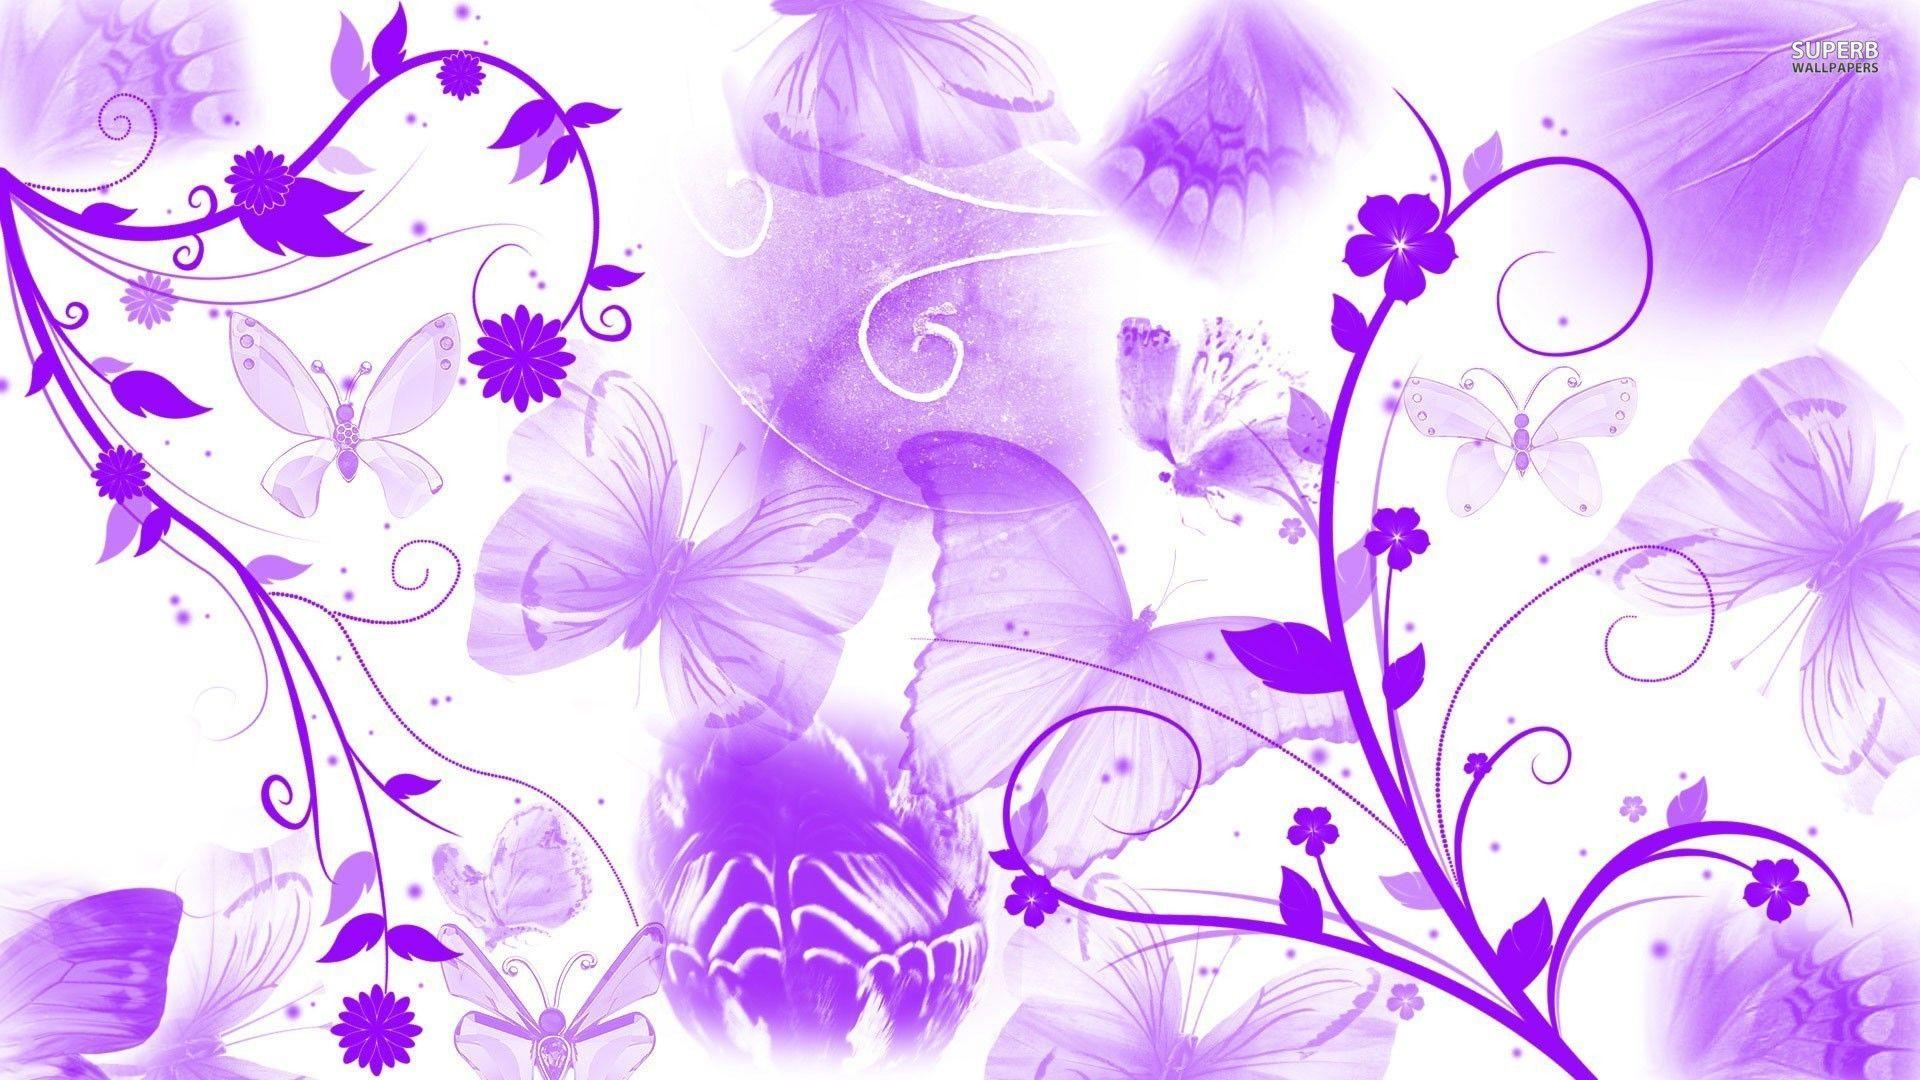 Purple Butterfly Wallpaper Background For Desktop 1920x1080 Px 42402 KB